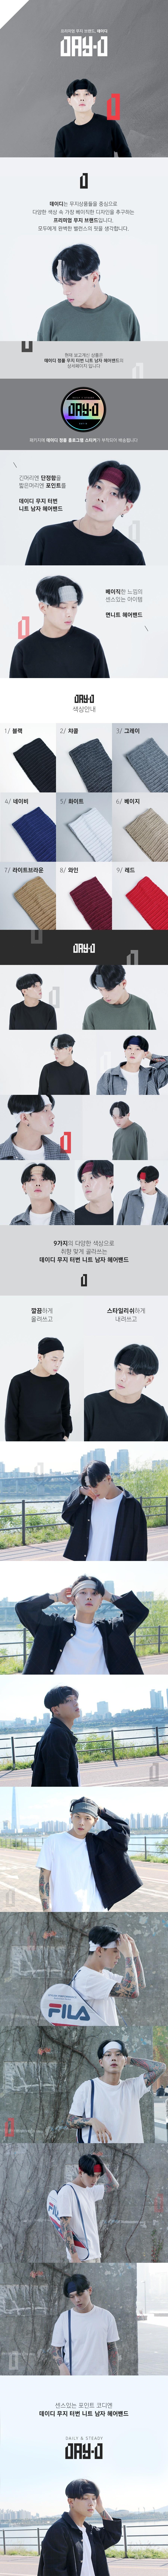 데이디 정품 무지 터번 니트 남자 헤어밴드 - 갓샵, 12,900원, 모자, 비니/털모자